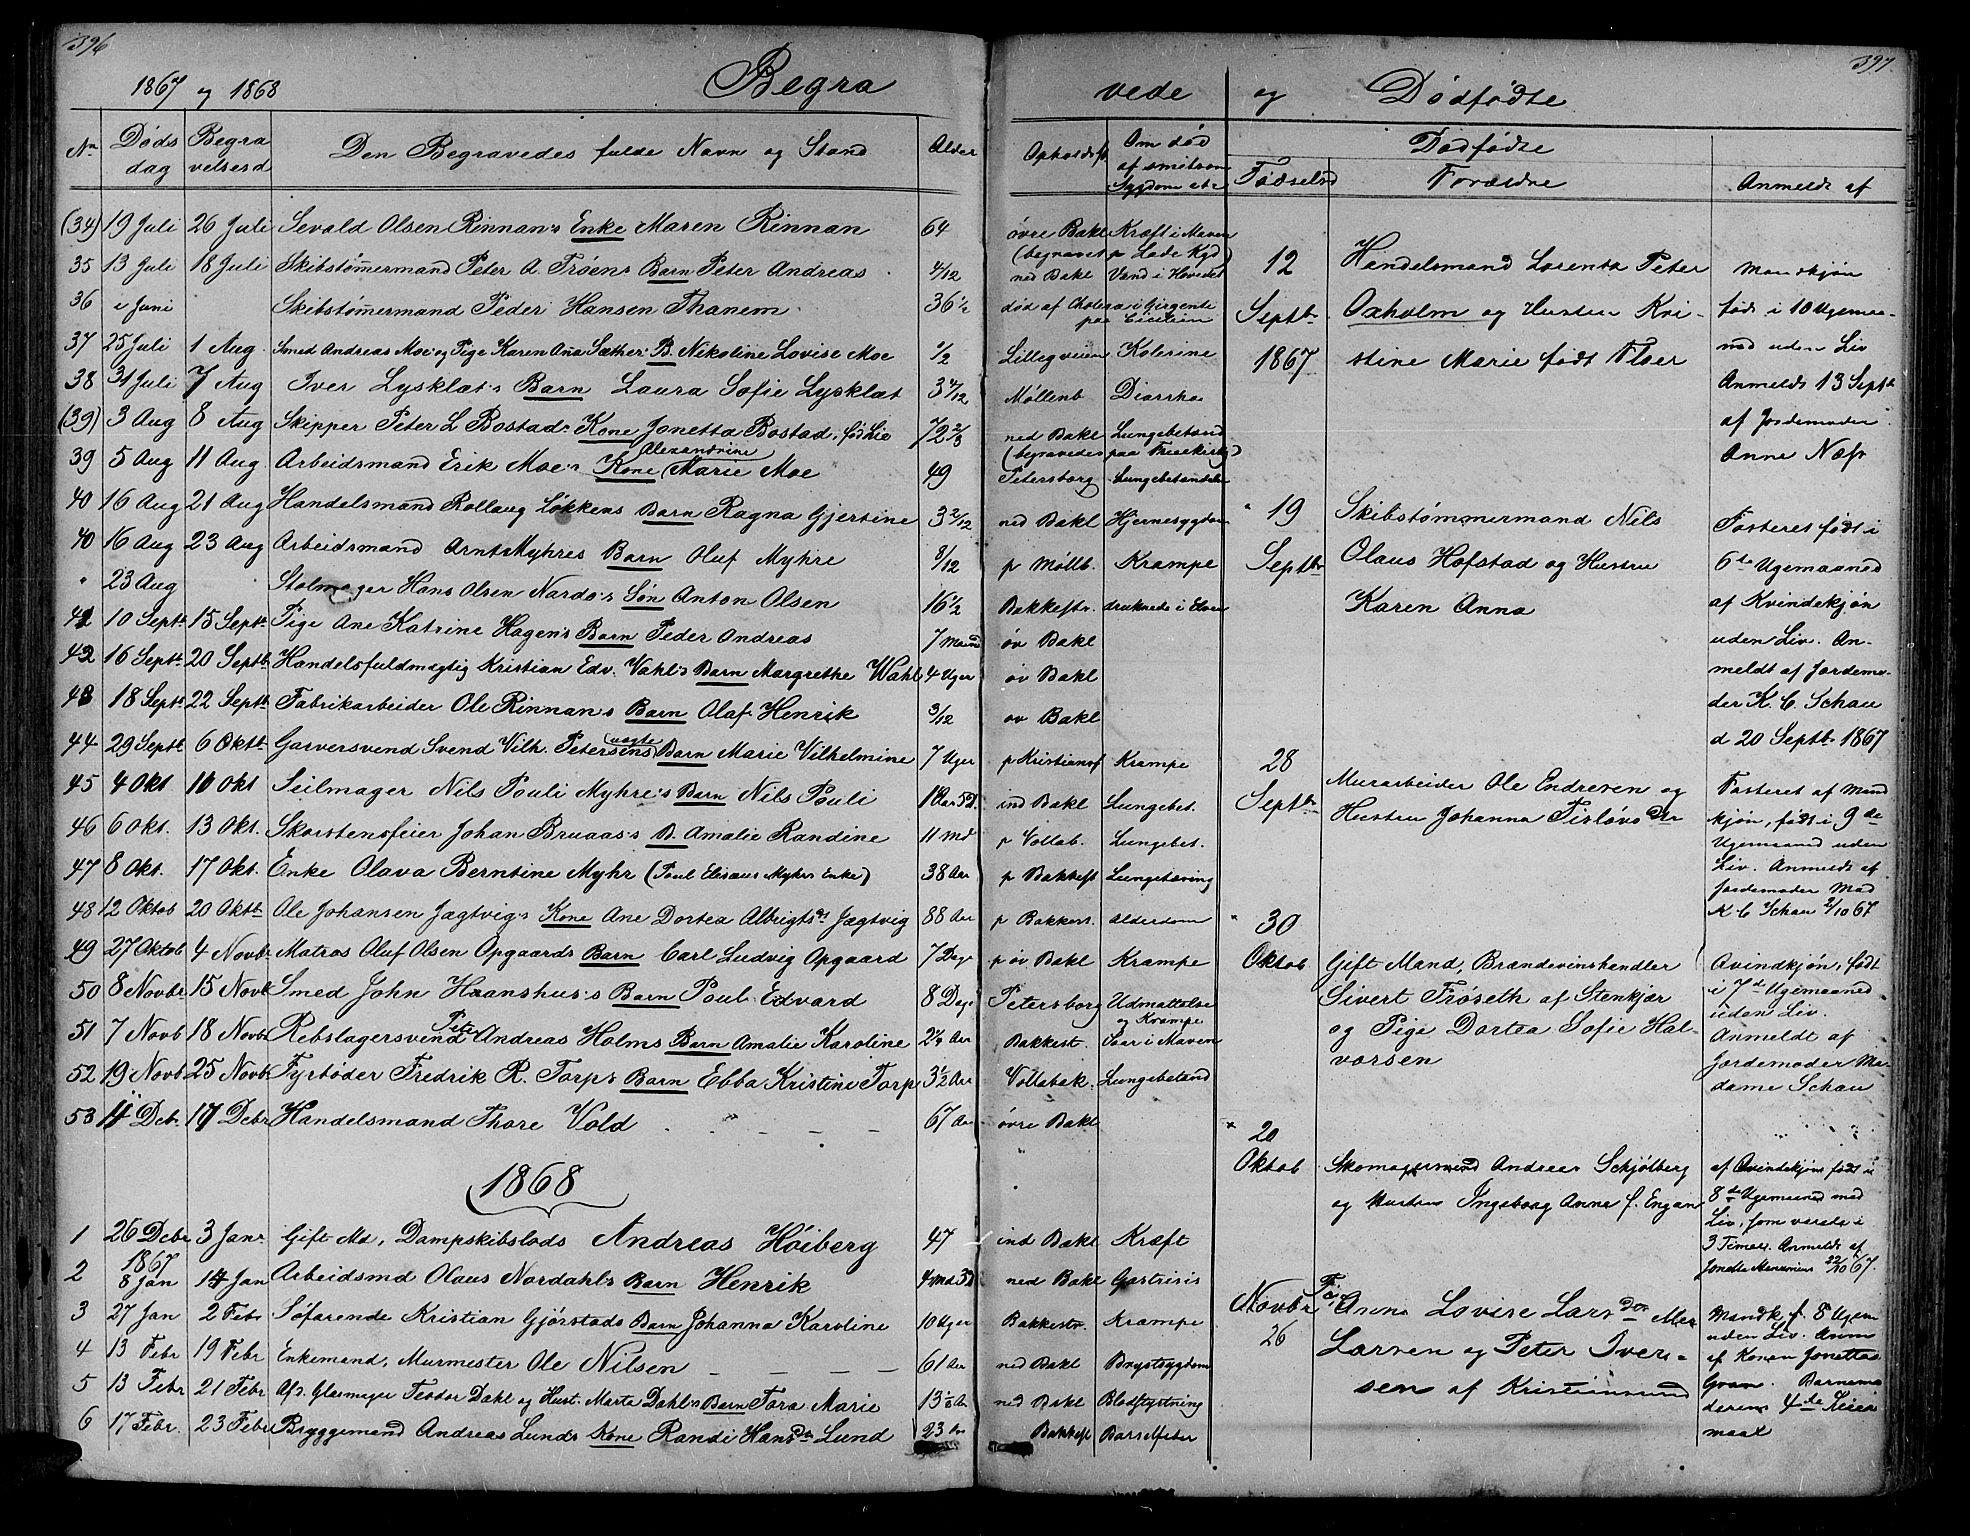 SAT, Ministerialprotokoller, klokkerbøker og fødselsregistre - Sør-Trøndelag, 604/L0219: Klokkerbok nr. 604C02, 1851-1869, s. 396-397